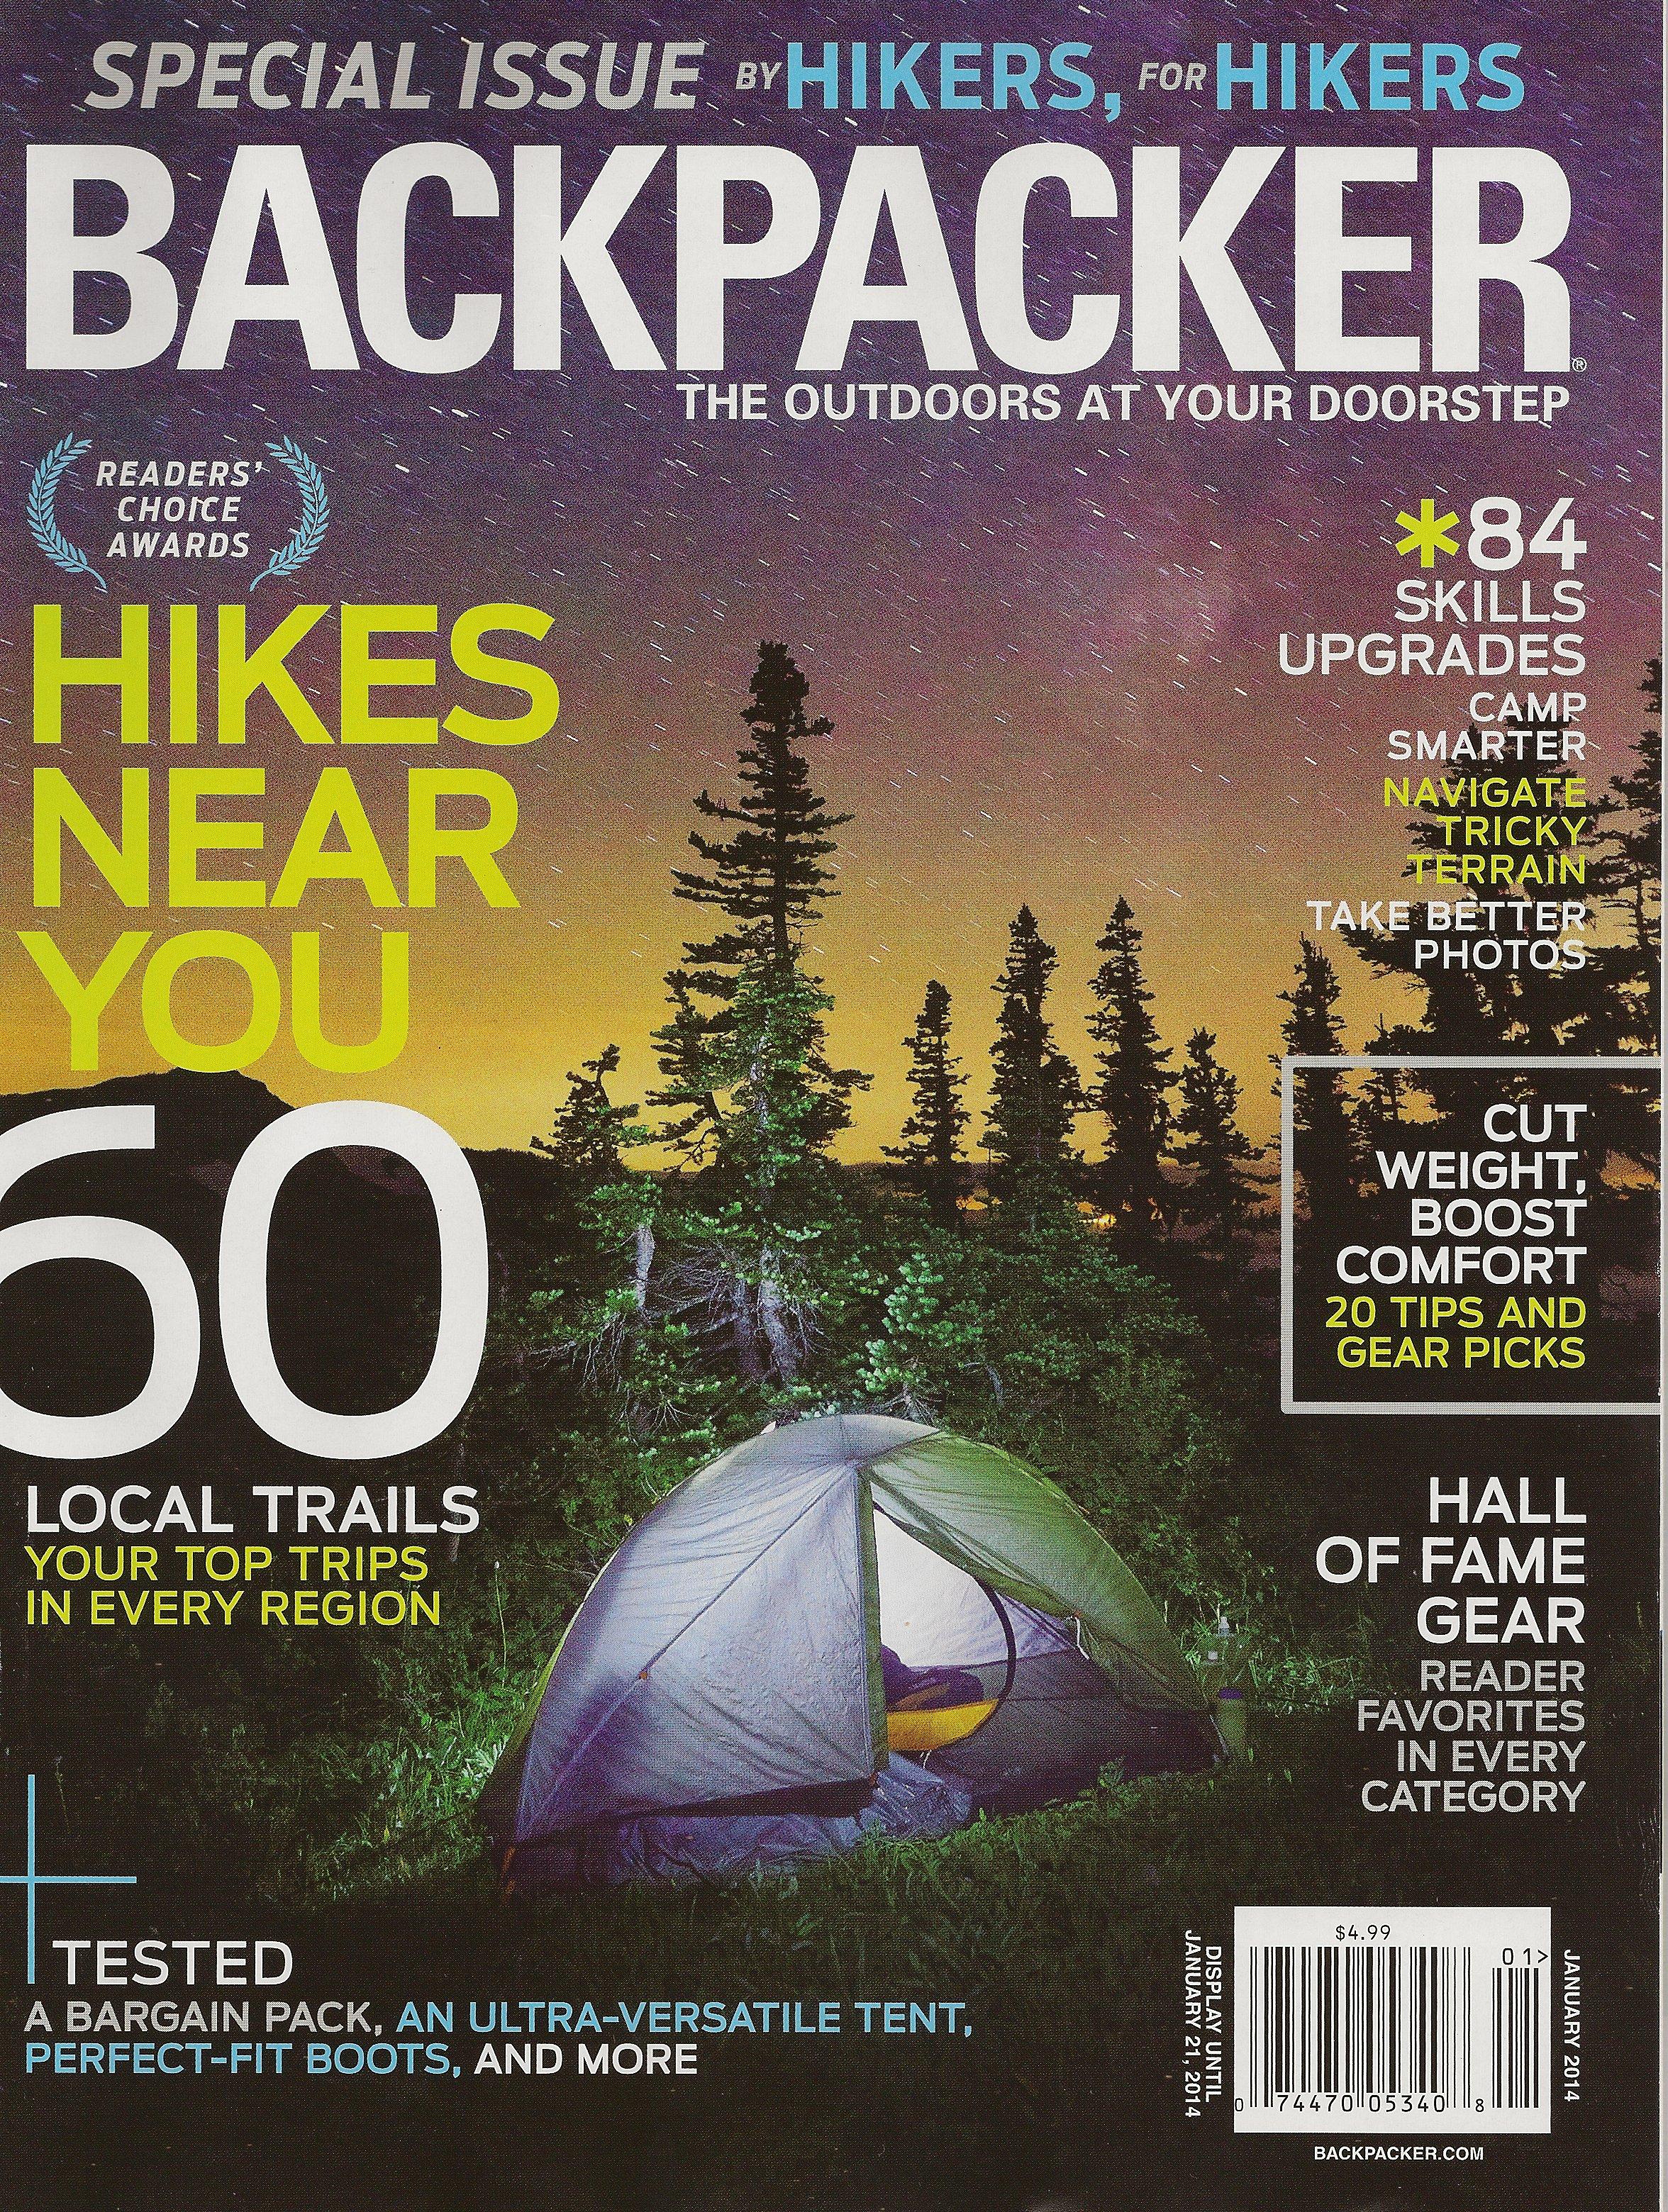 South Region - Reader's Choice    BACKPACKER magazine - January 2014